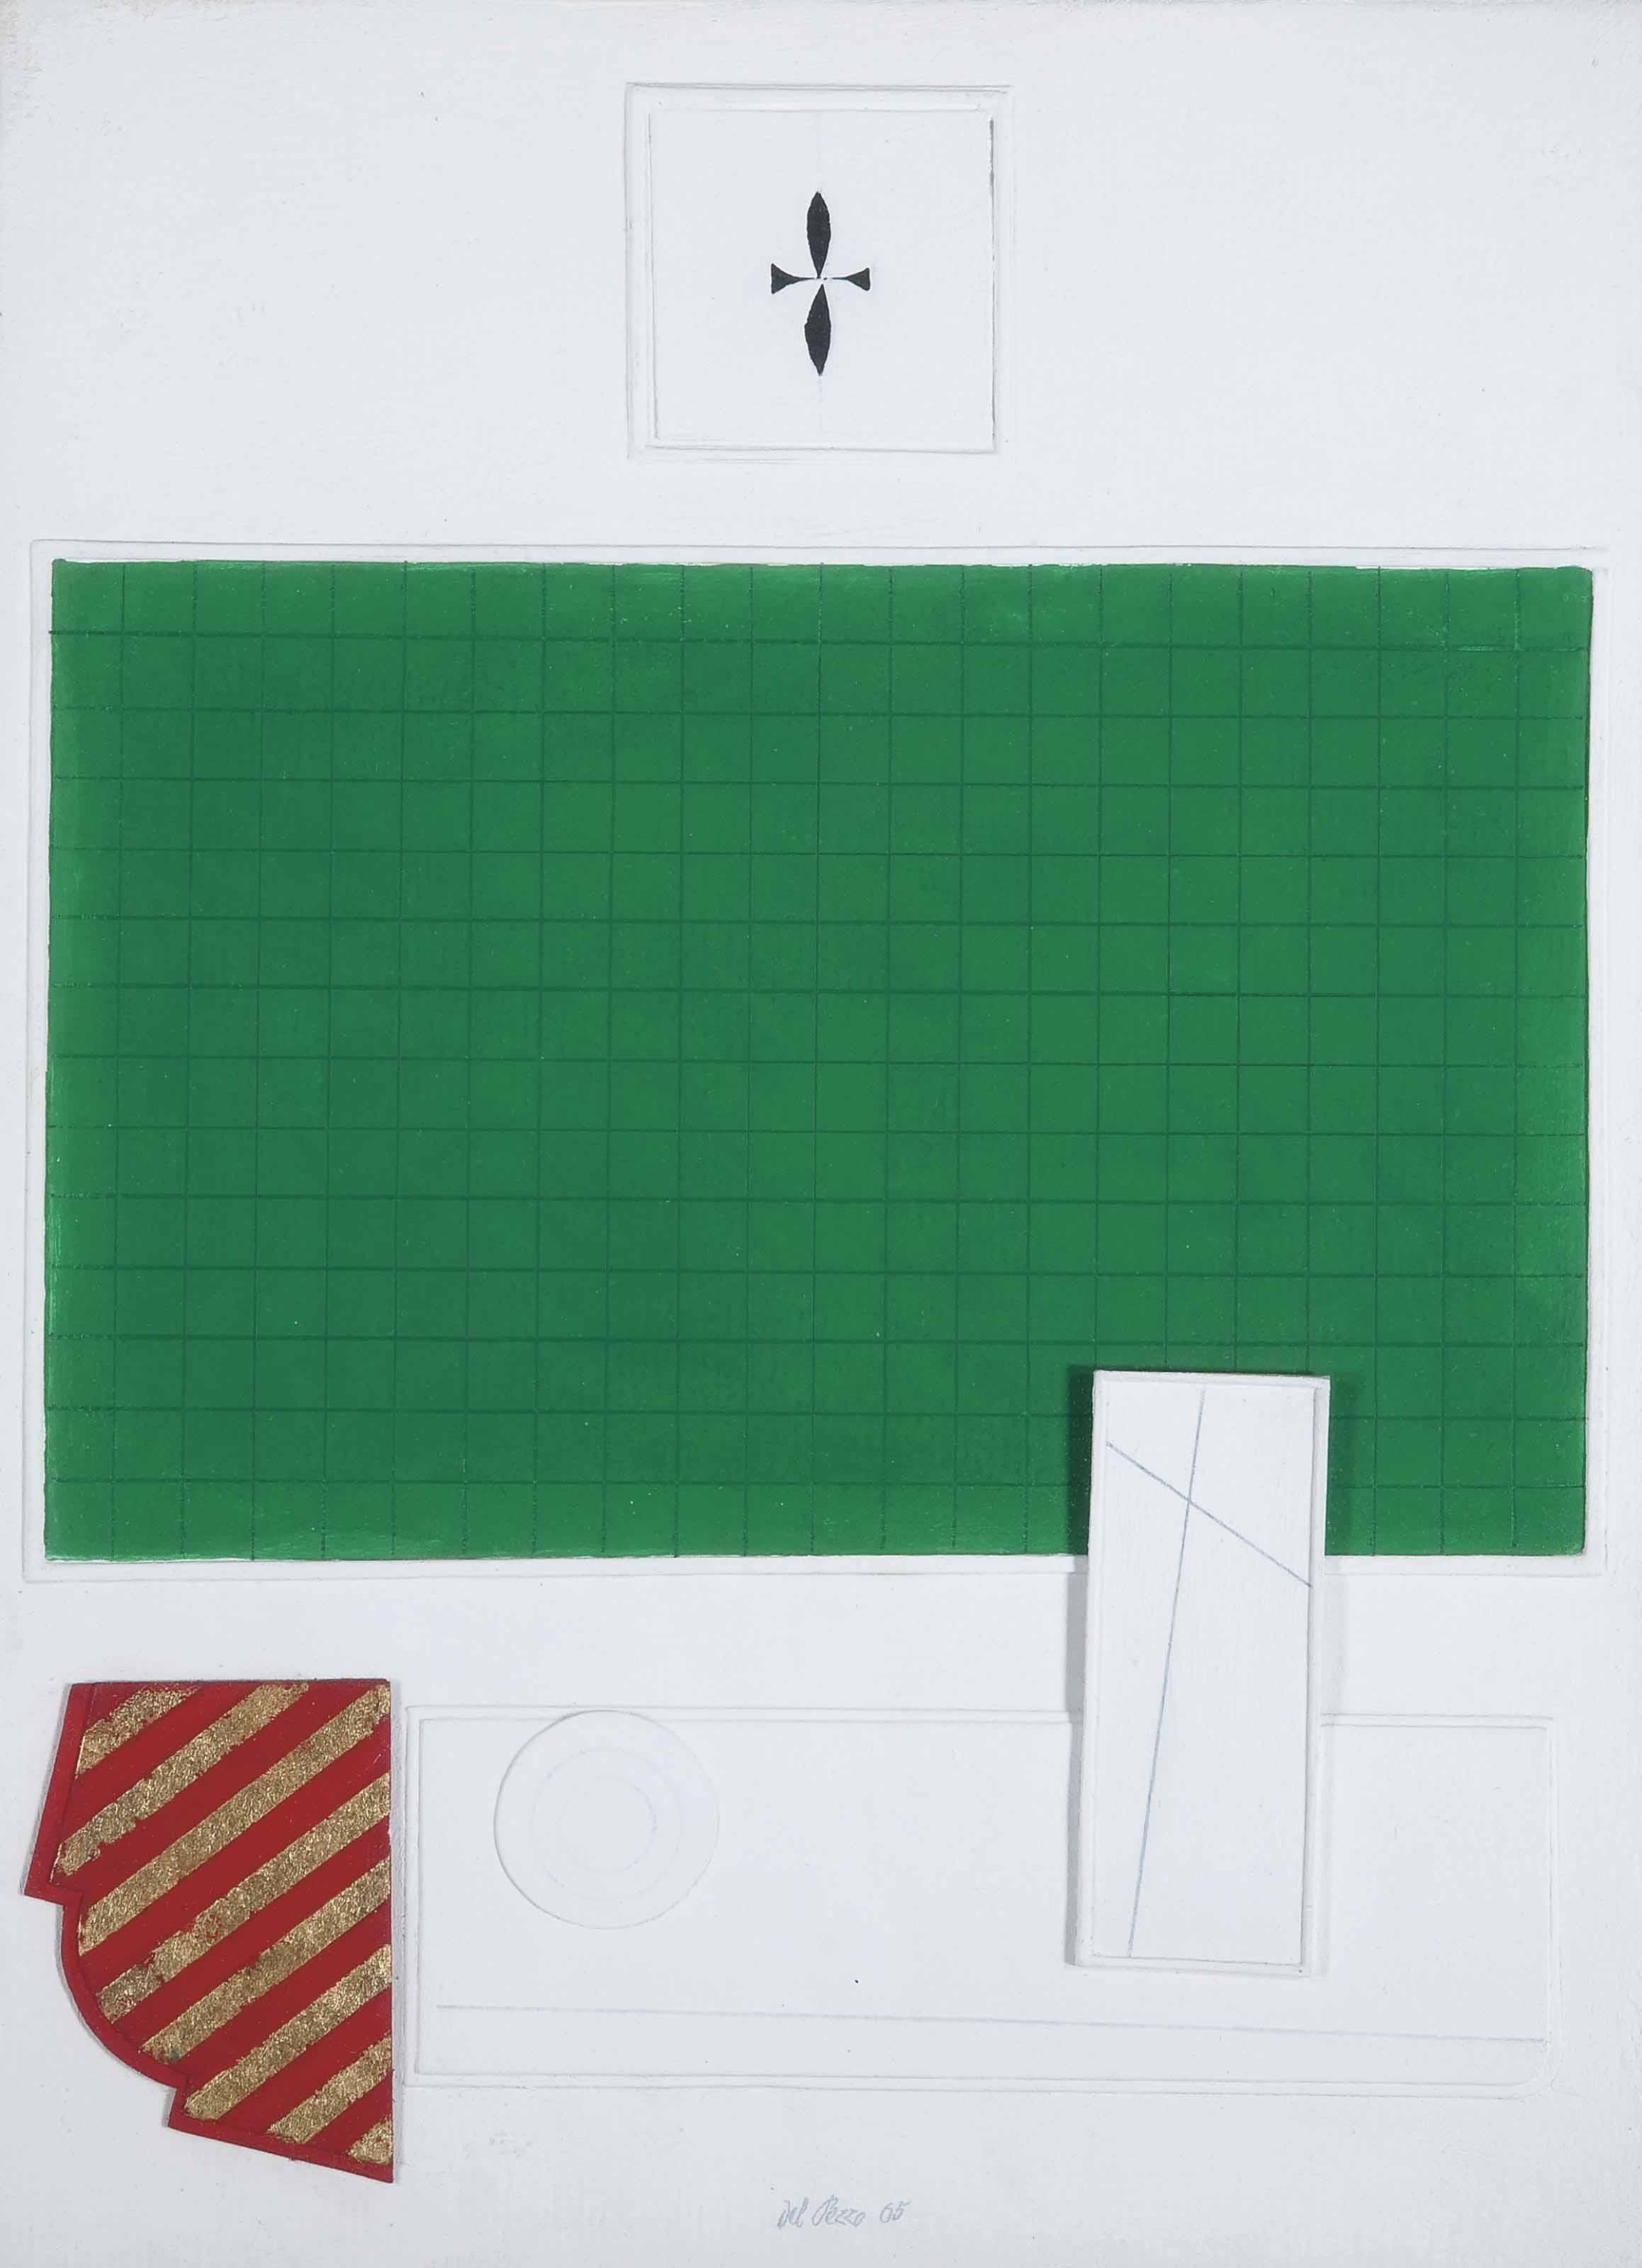 Lavagna verde